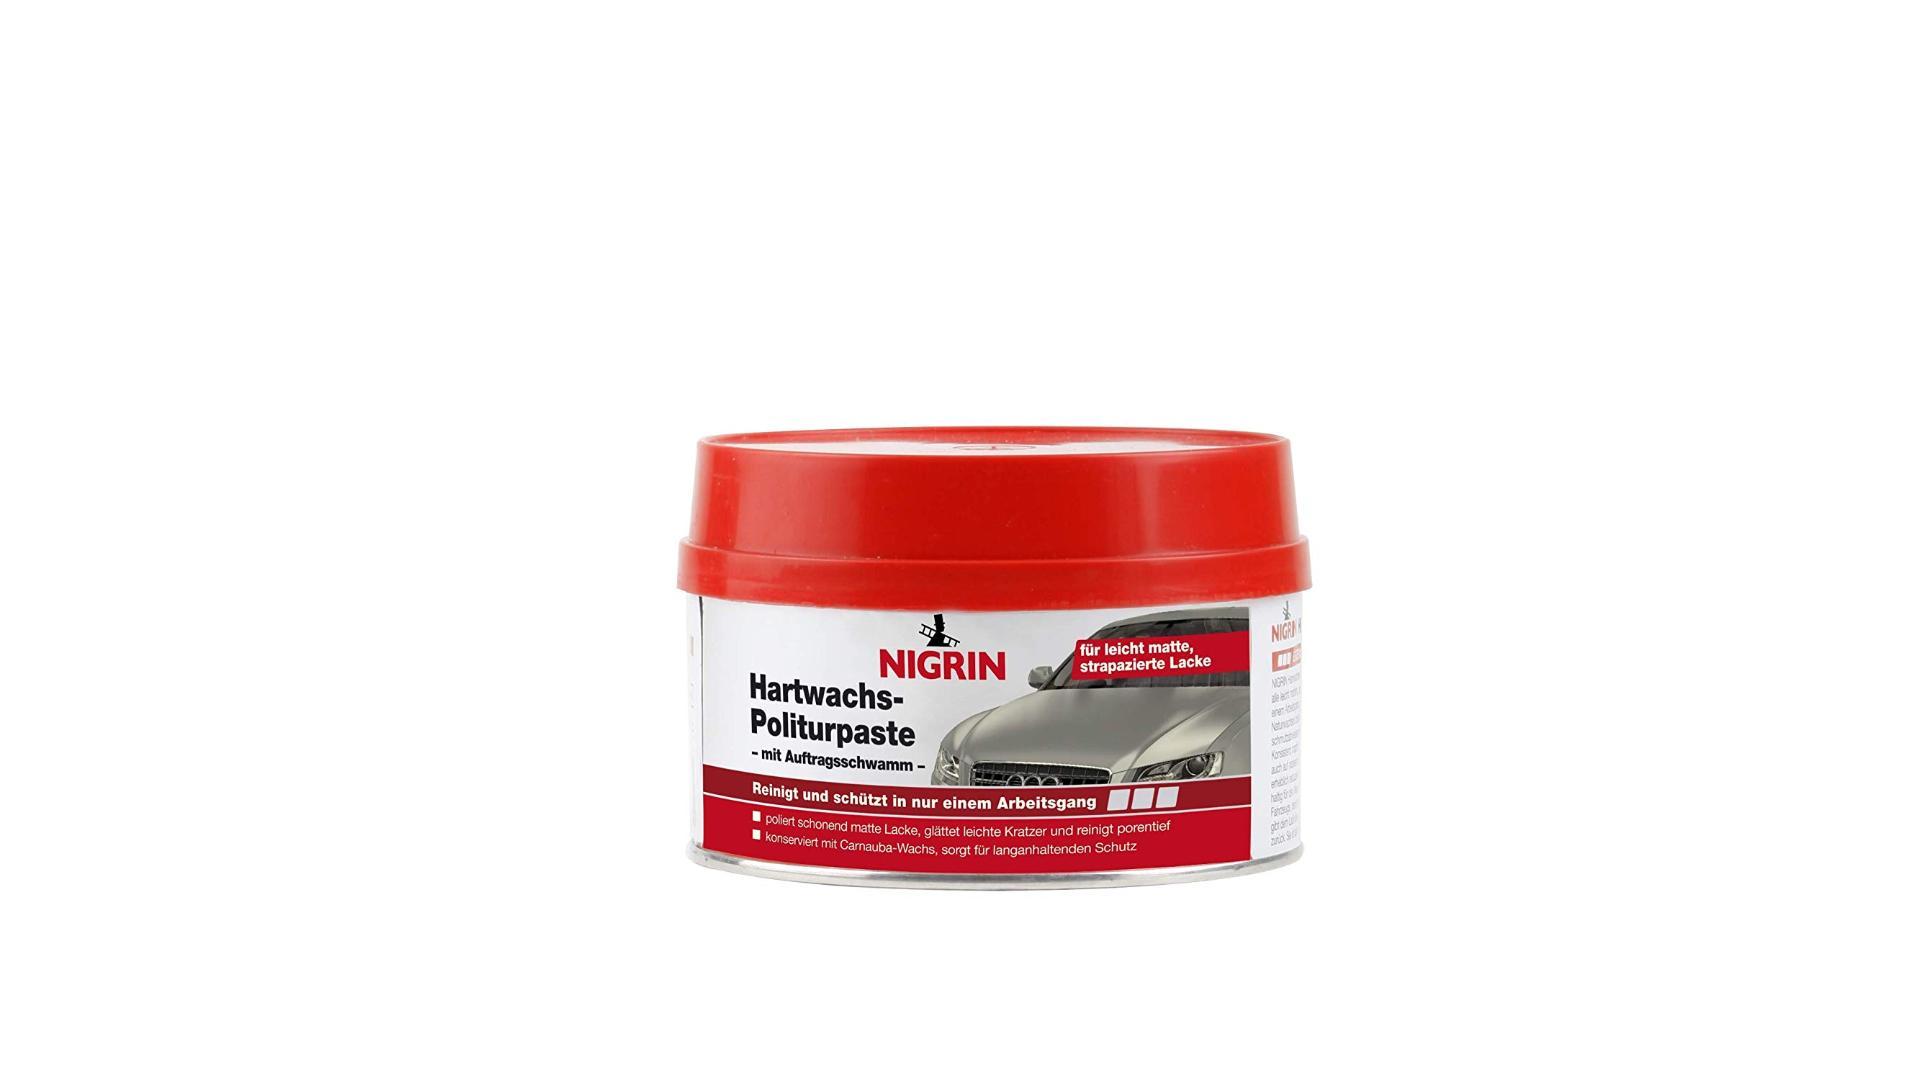 Nigrin Tvrdý vosk - lešticí pasta, 250ml, čistí, vyhlazuje a zachovává všechny opotřebované barevné laky a metalízy